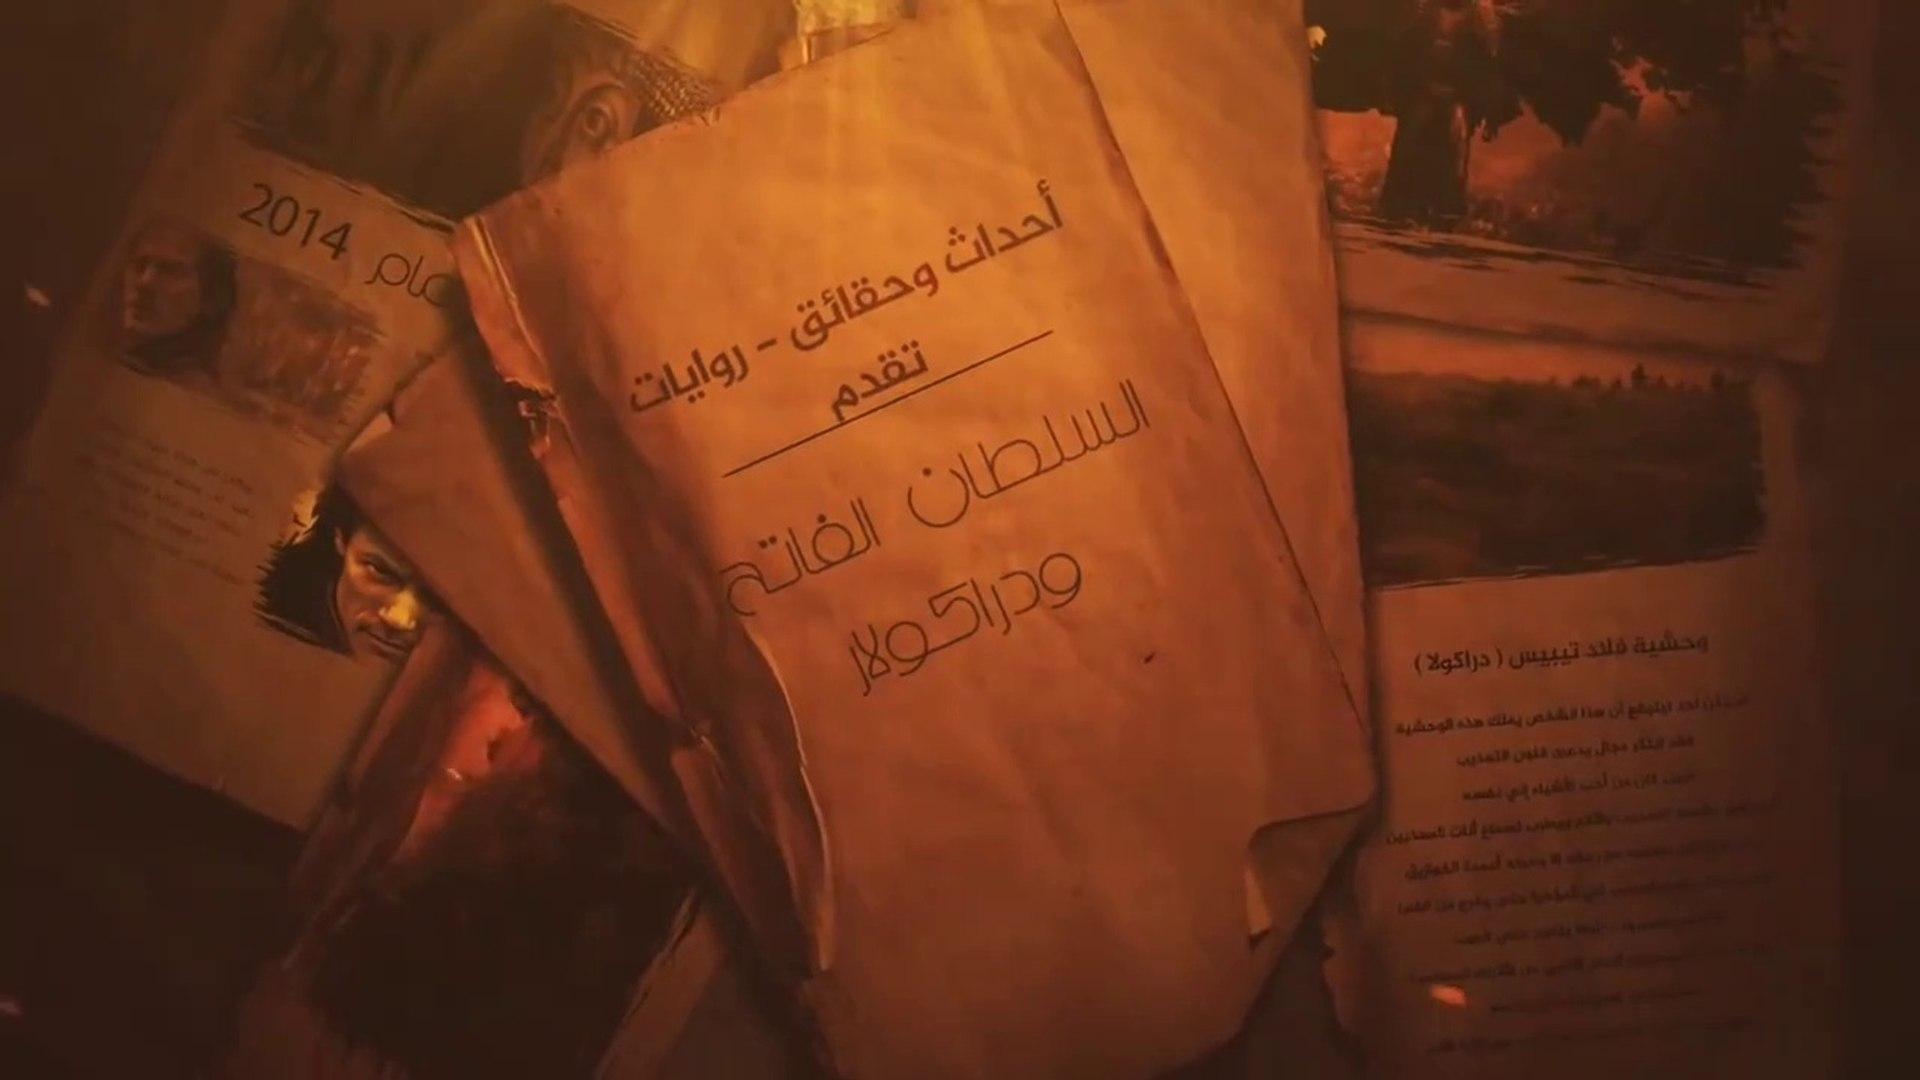 دراكولا والسلطان محمد الفاتح، القصة الحقيقية التي لم تروى